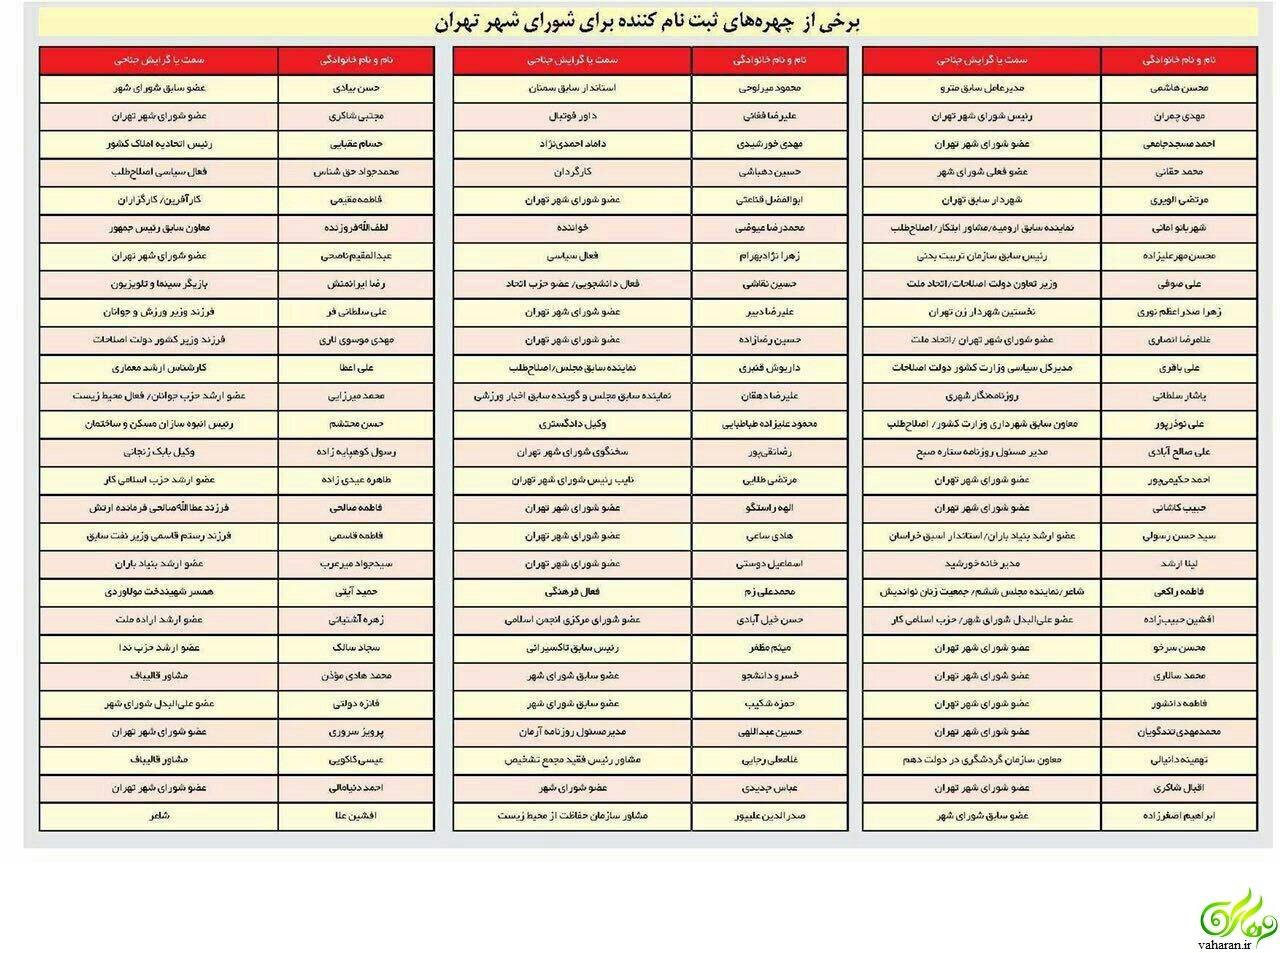 لیست چهرههای معروف در انتخابات 96 شورای شهر تهران / جدول